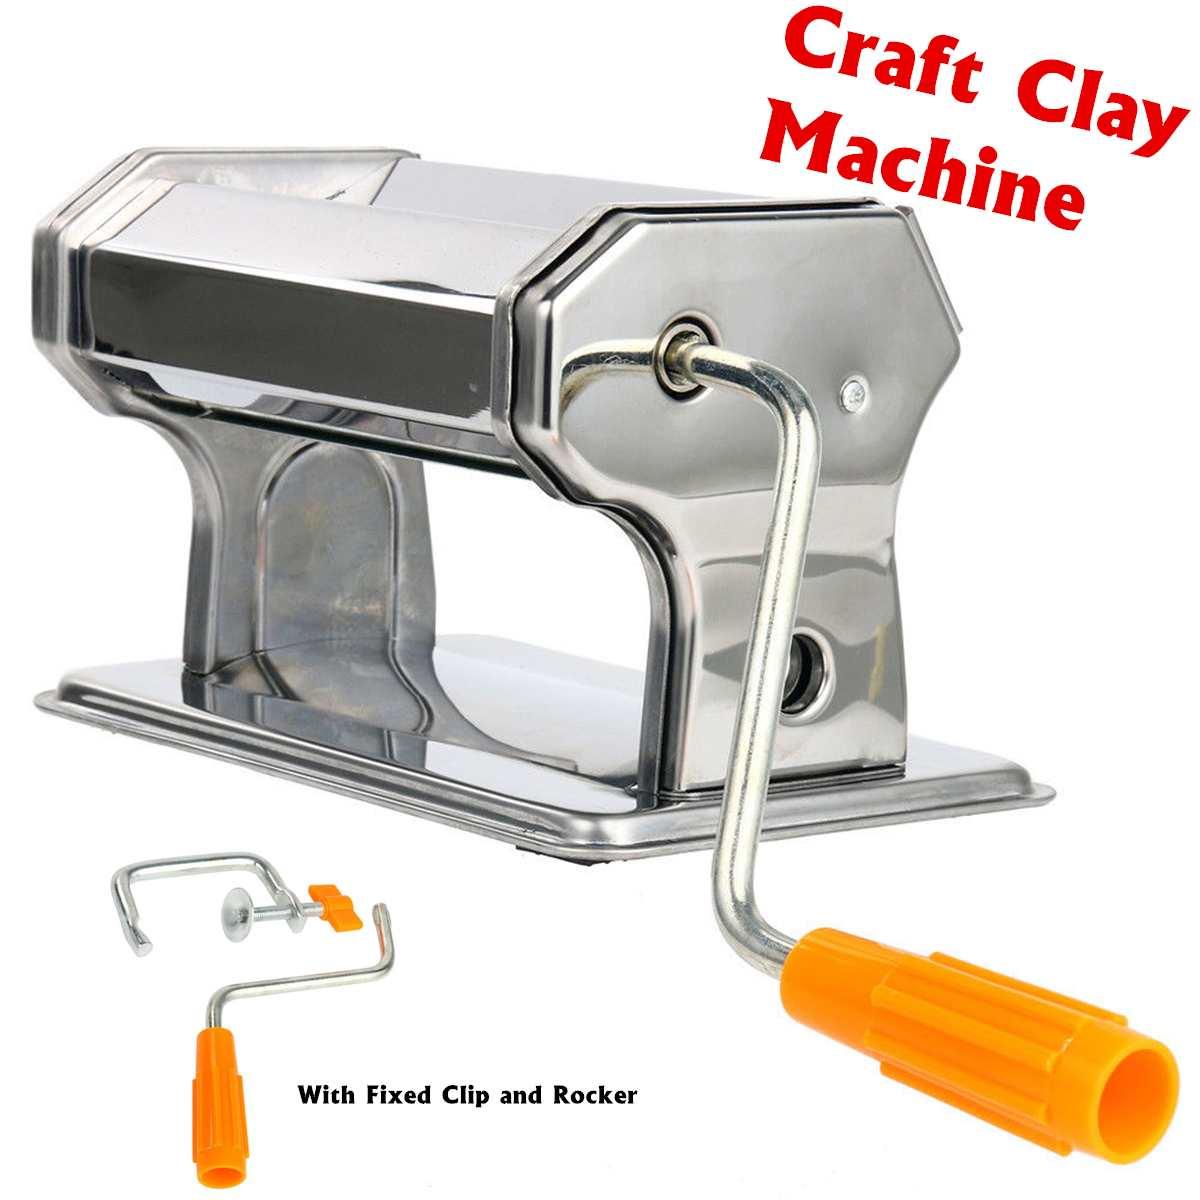 Bricolage en acier inoxydable artisanat polymère Machine à rouler à la main manivelle argile presse rouleau à la main presse pâtes outils Gadgets Non électriques